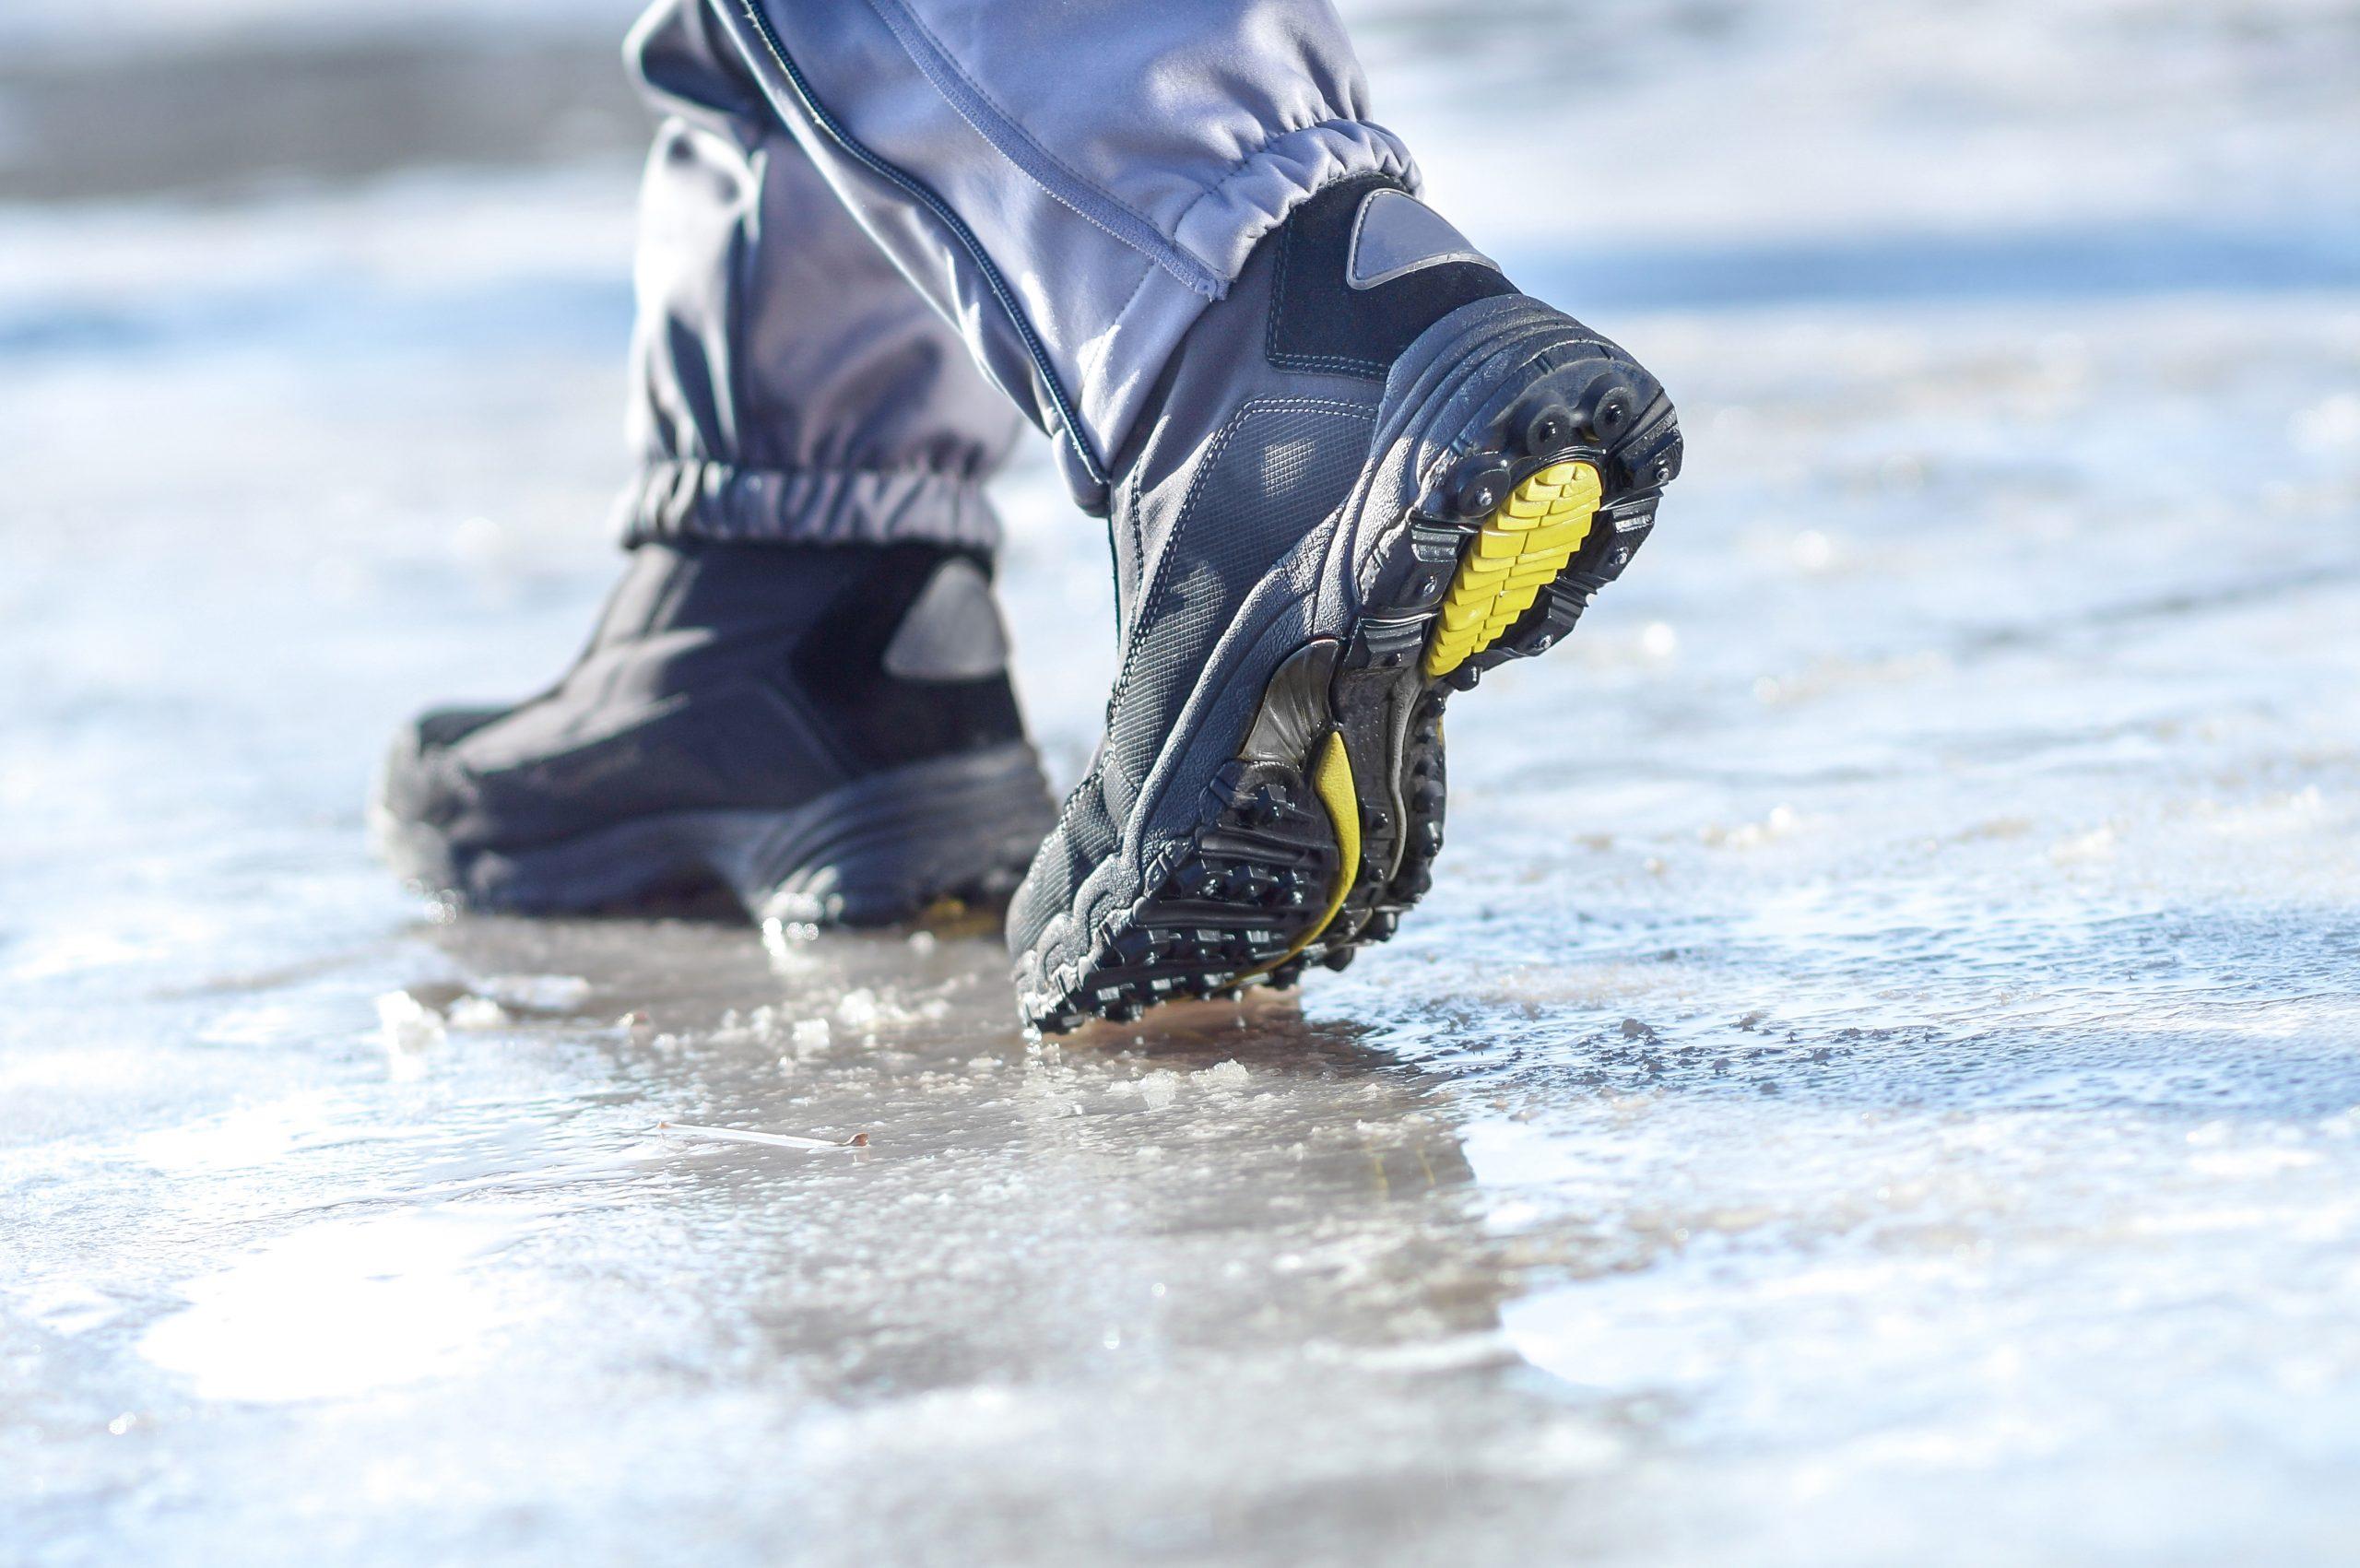 winter boots walking on snowy sleet road